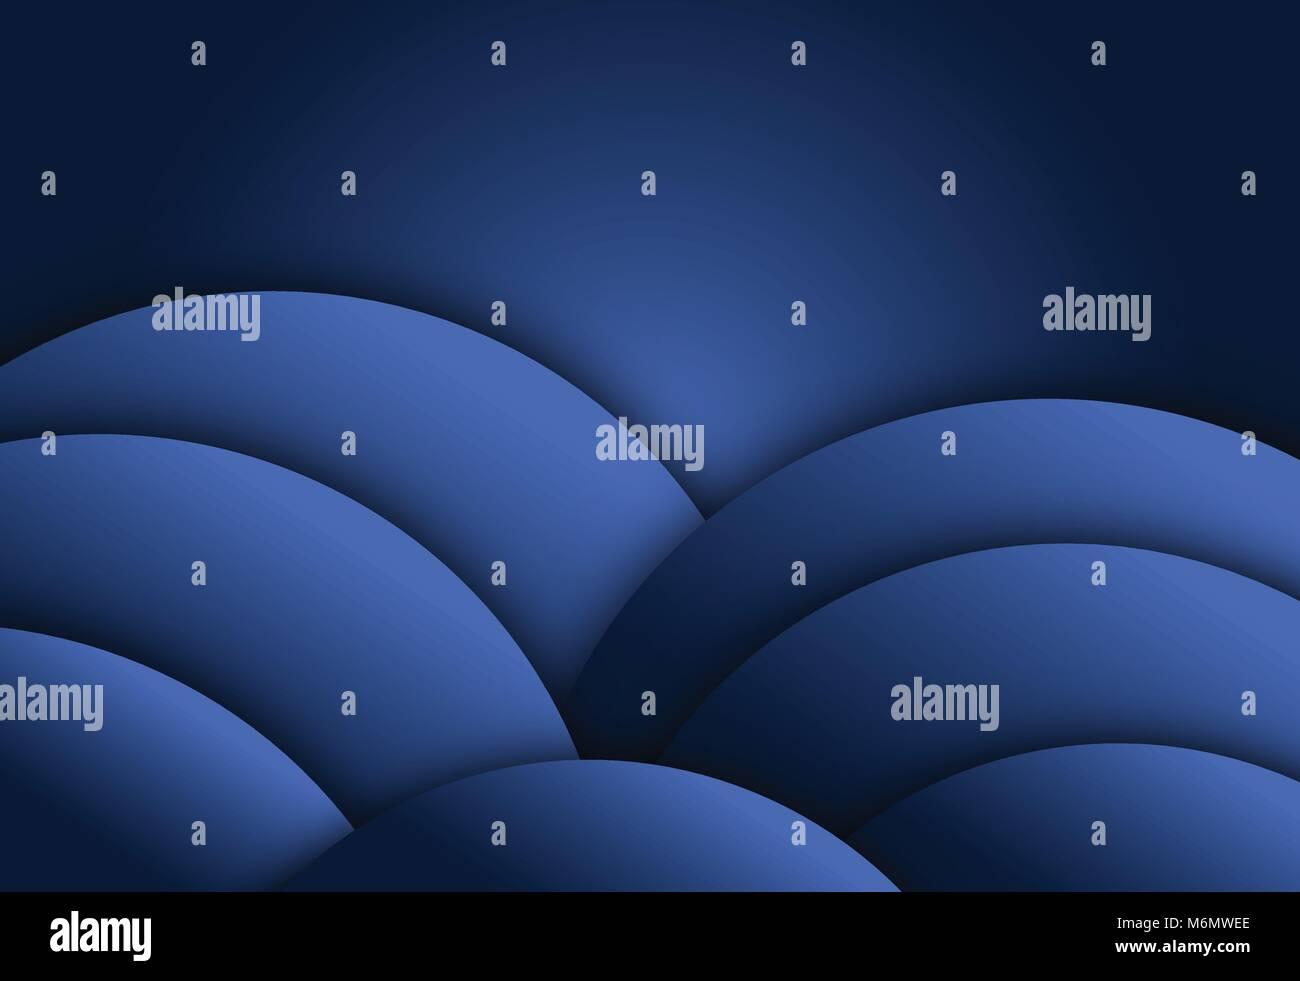 Overlaps Imágenes De Stock & Overlaps Fotos De Stock - Alamy